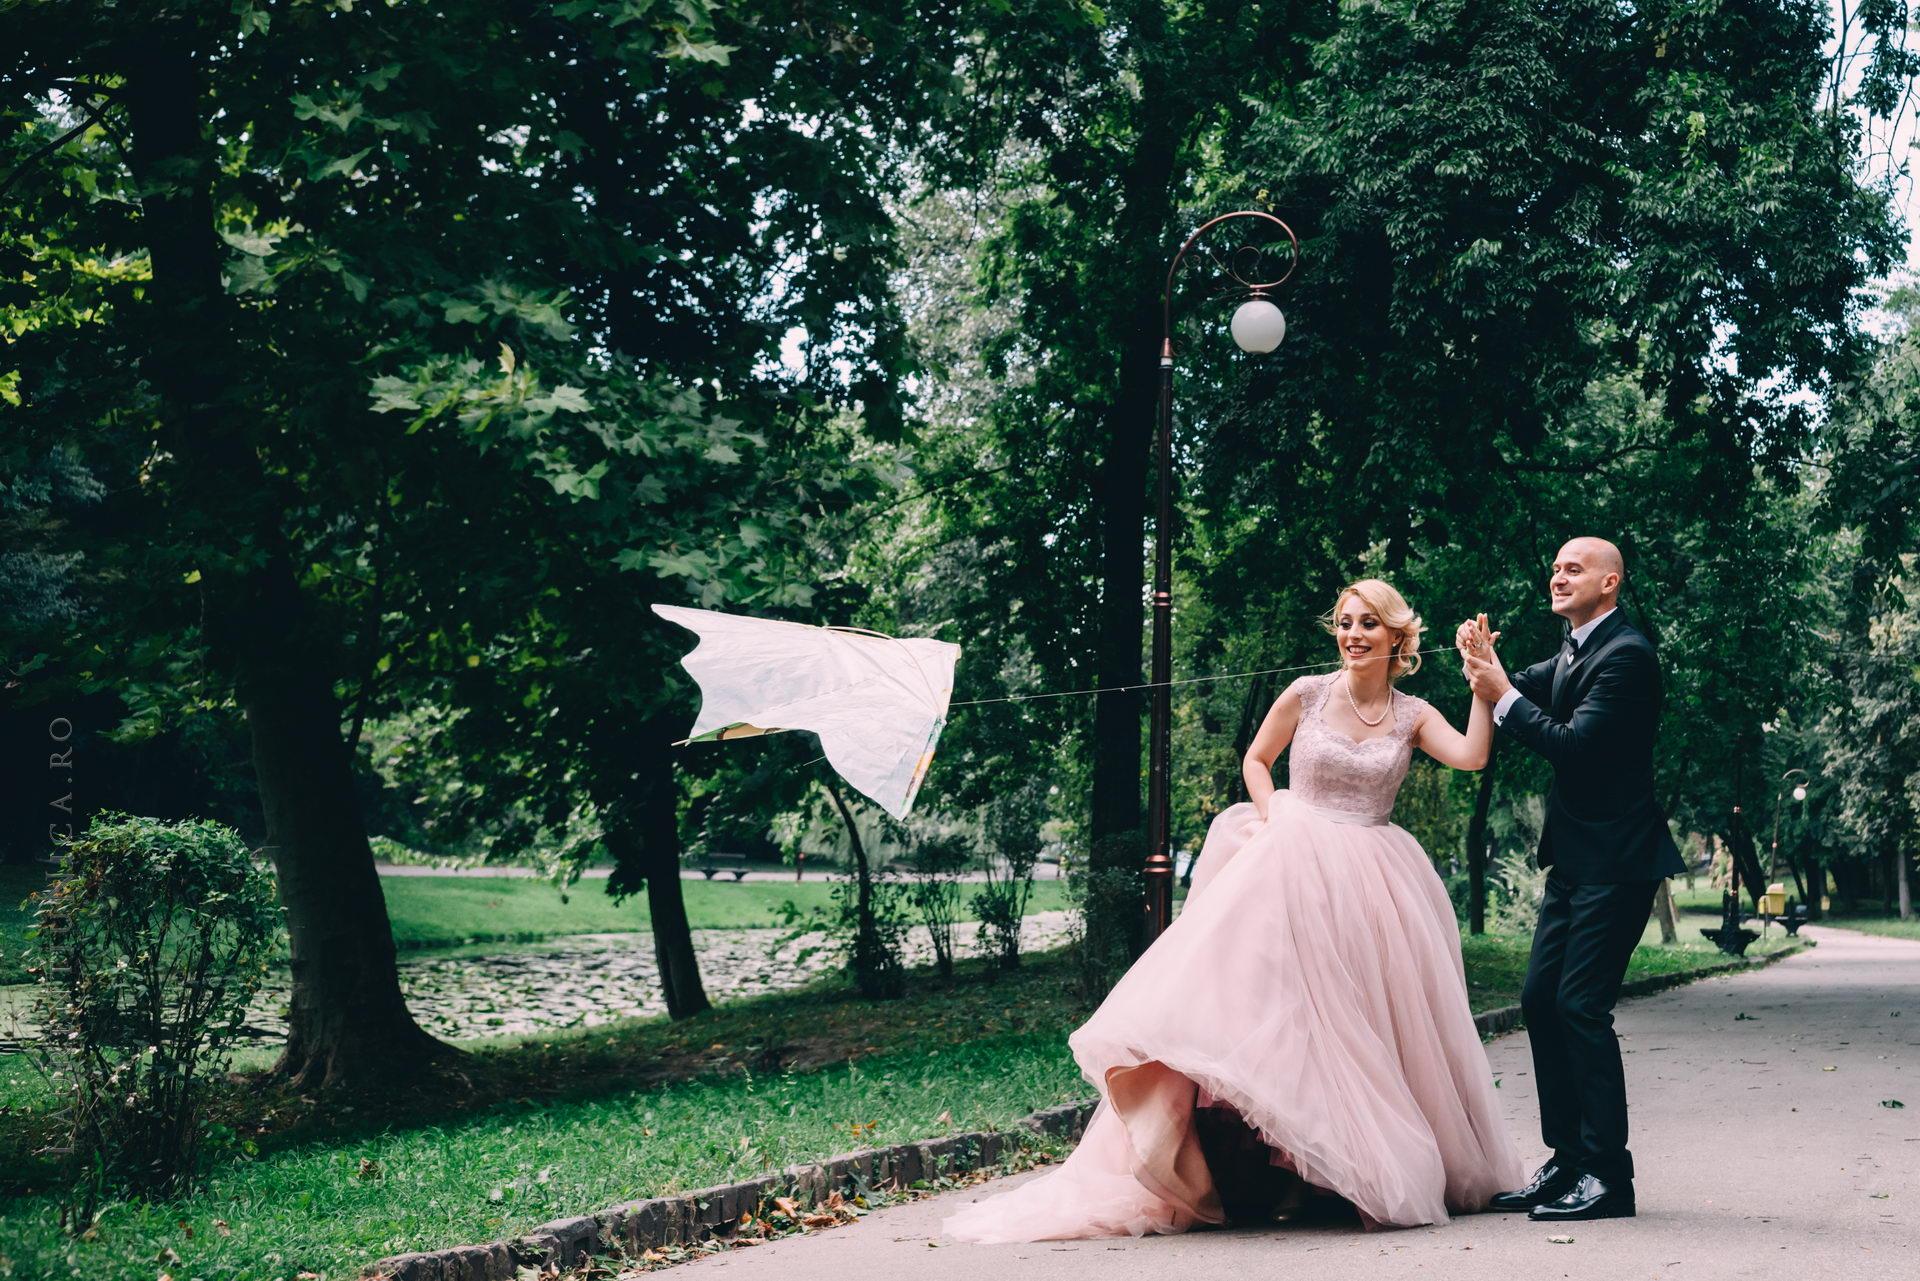 lavinia si adi fotograf laurentiu nica craiova 039 - Lavinia & Adi | Fotografii nunta